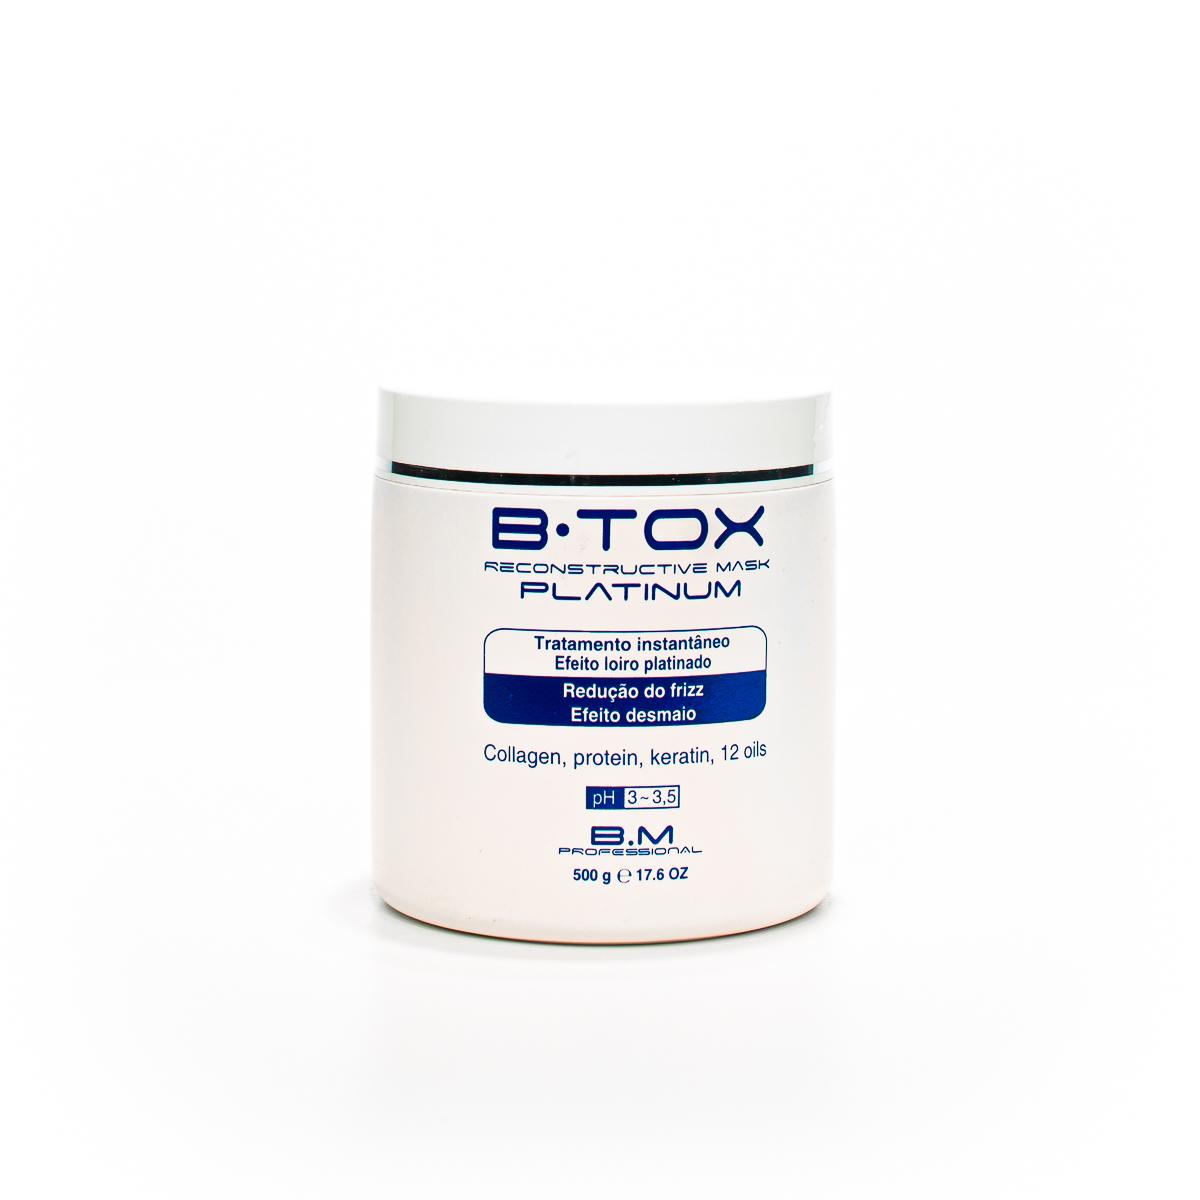 BOTOX BM PLATINUM